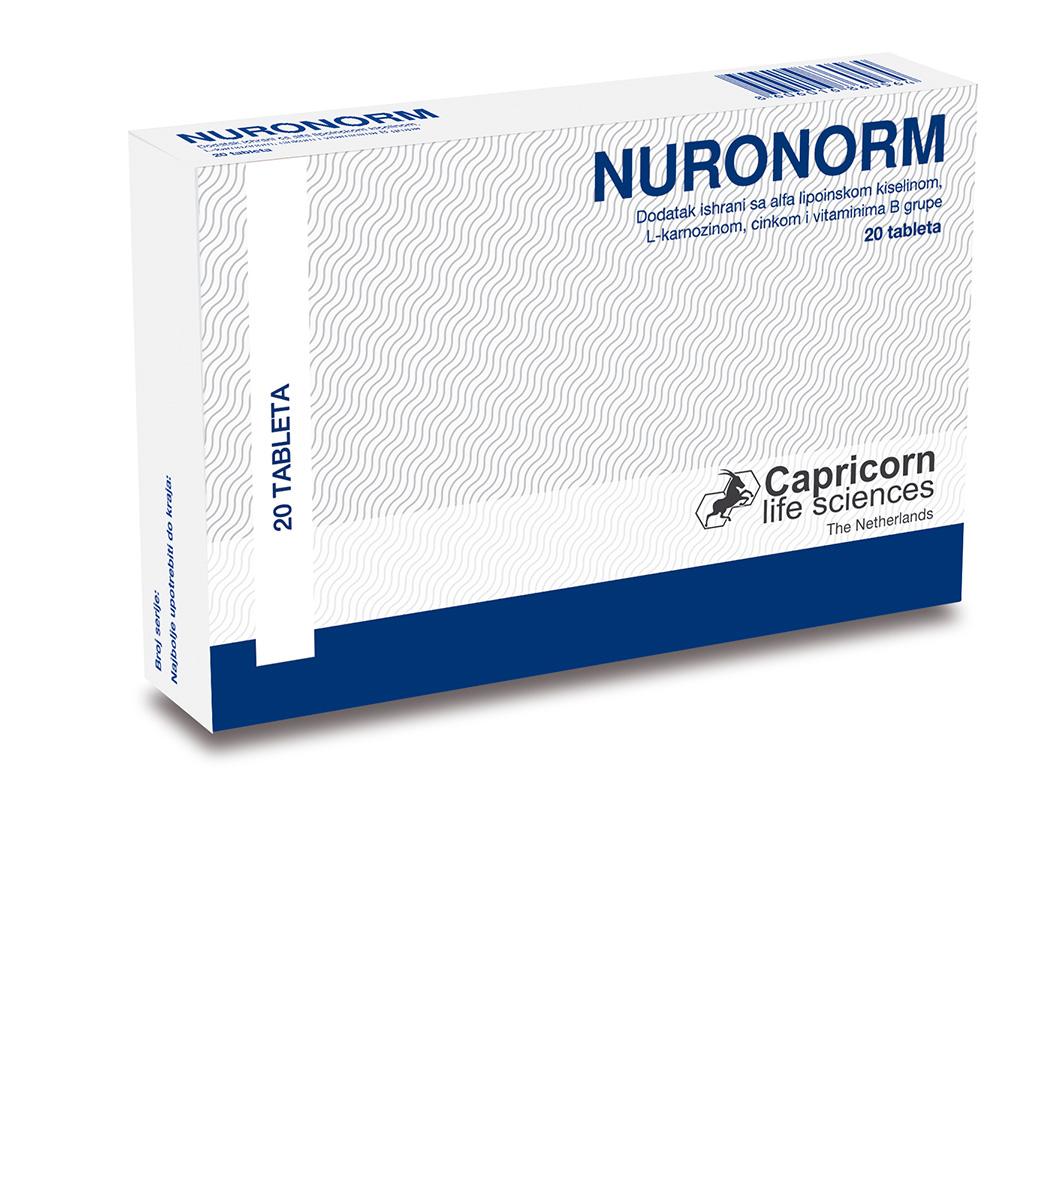 Nuronorm